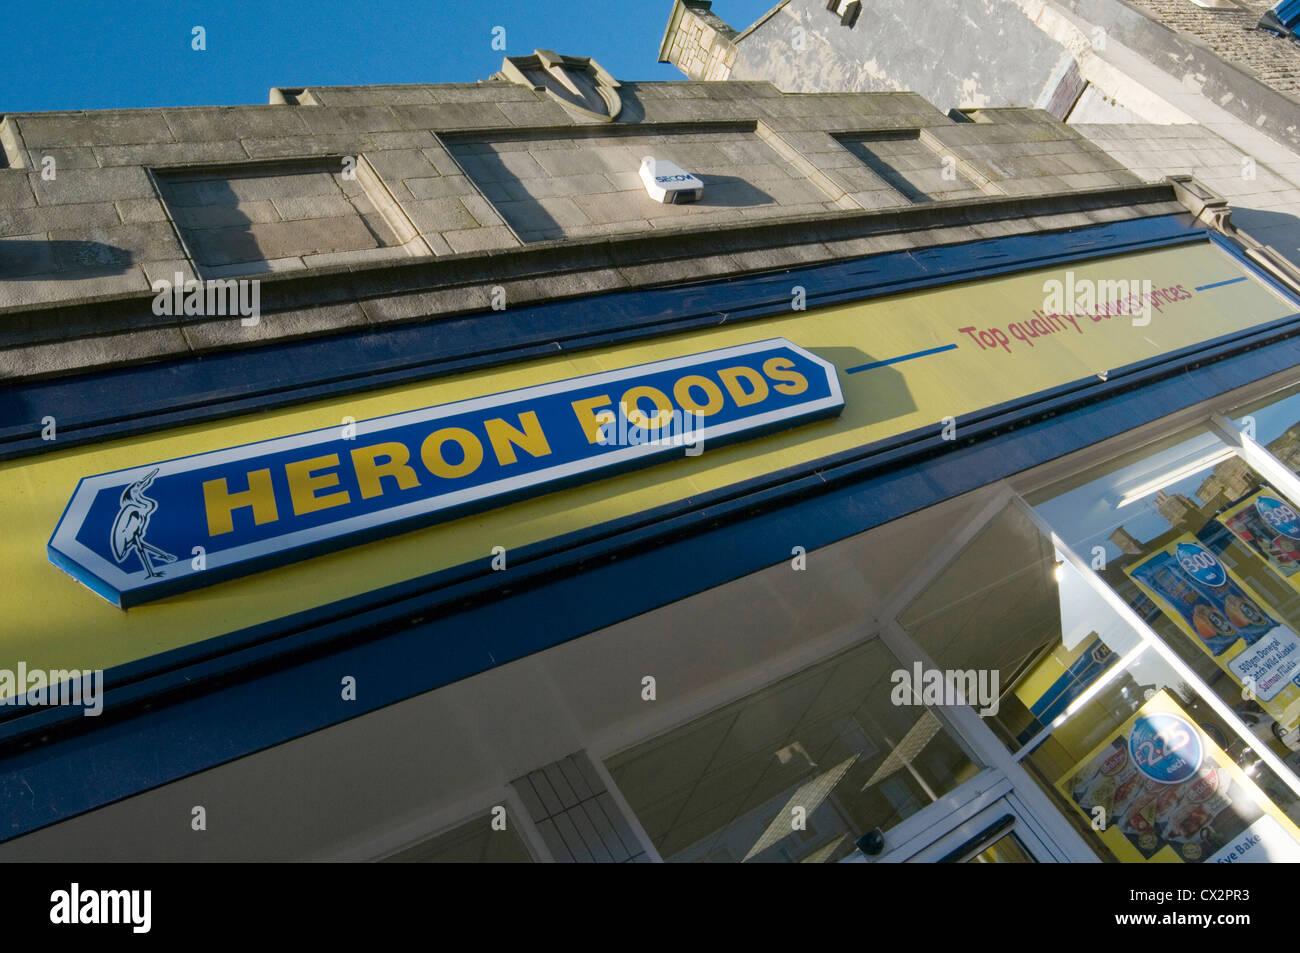 Heron Lebensmittel Haushalt Shop Shops billige Lebensmittel Supermarkt regionale Einzelhandelskette Stockbild